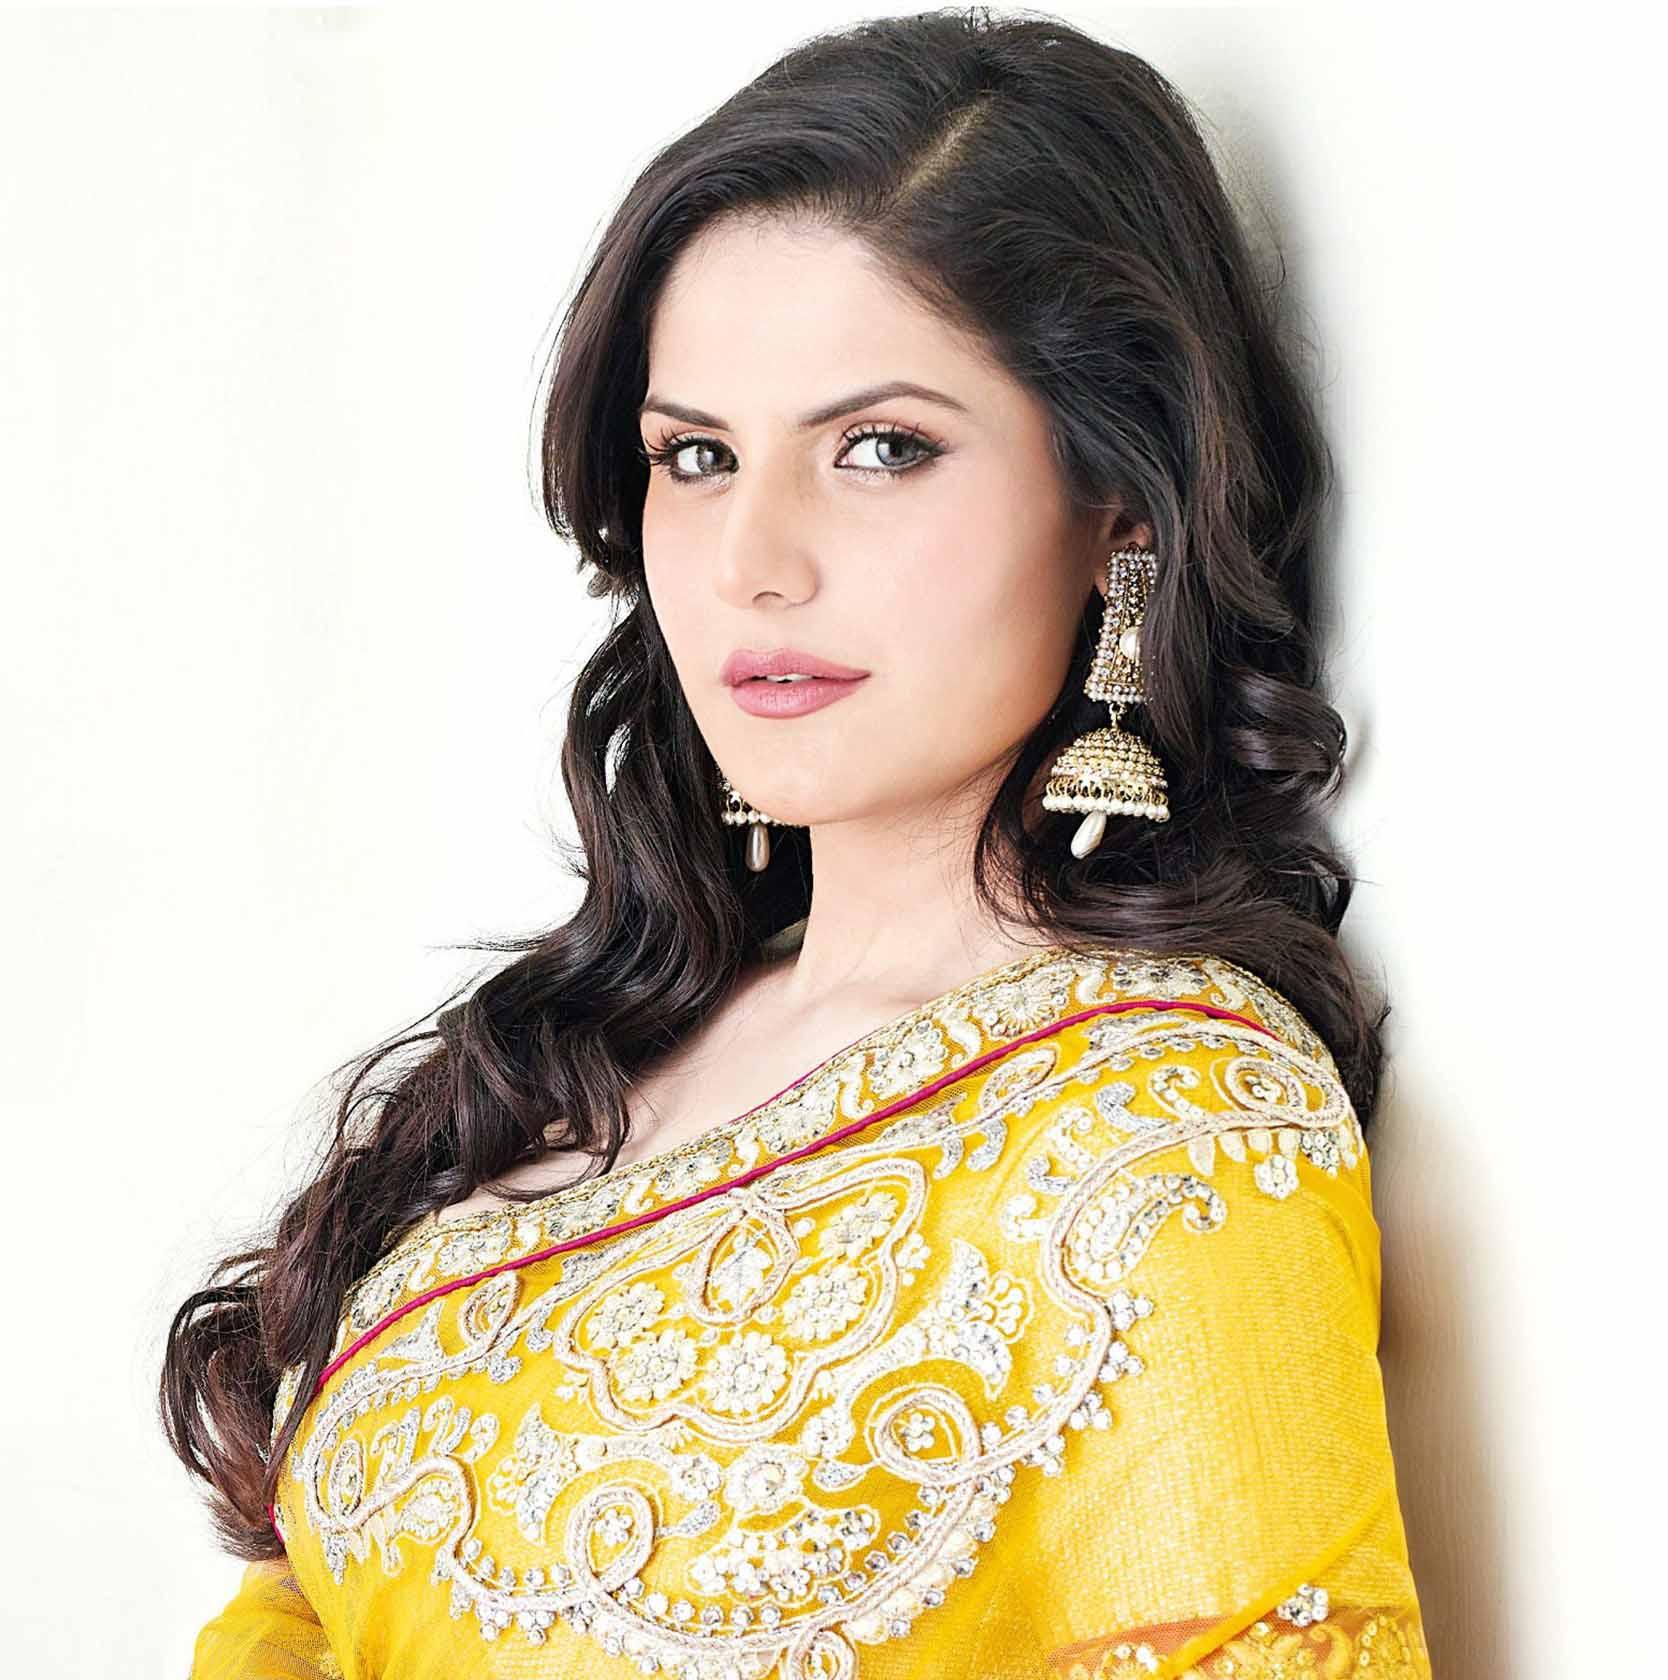 Zareen khan face pictures